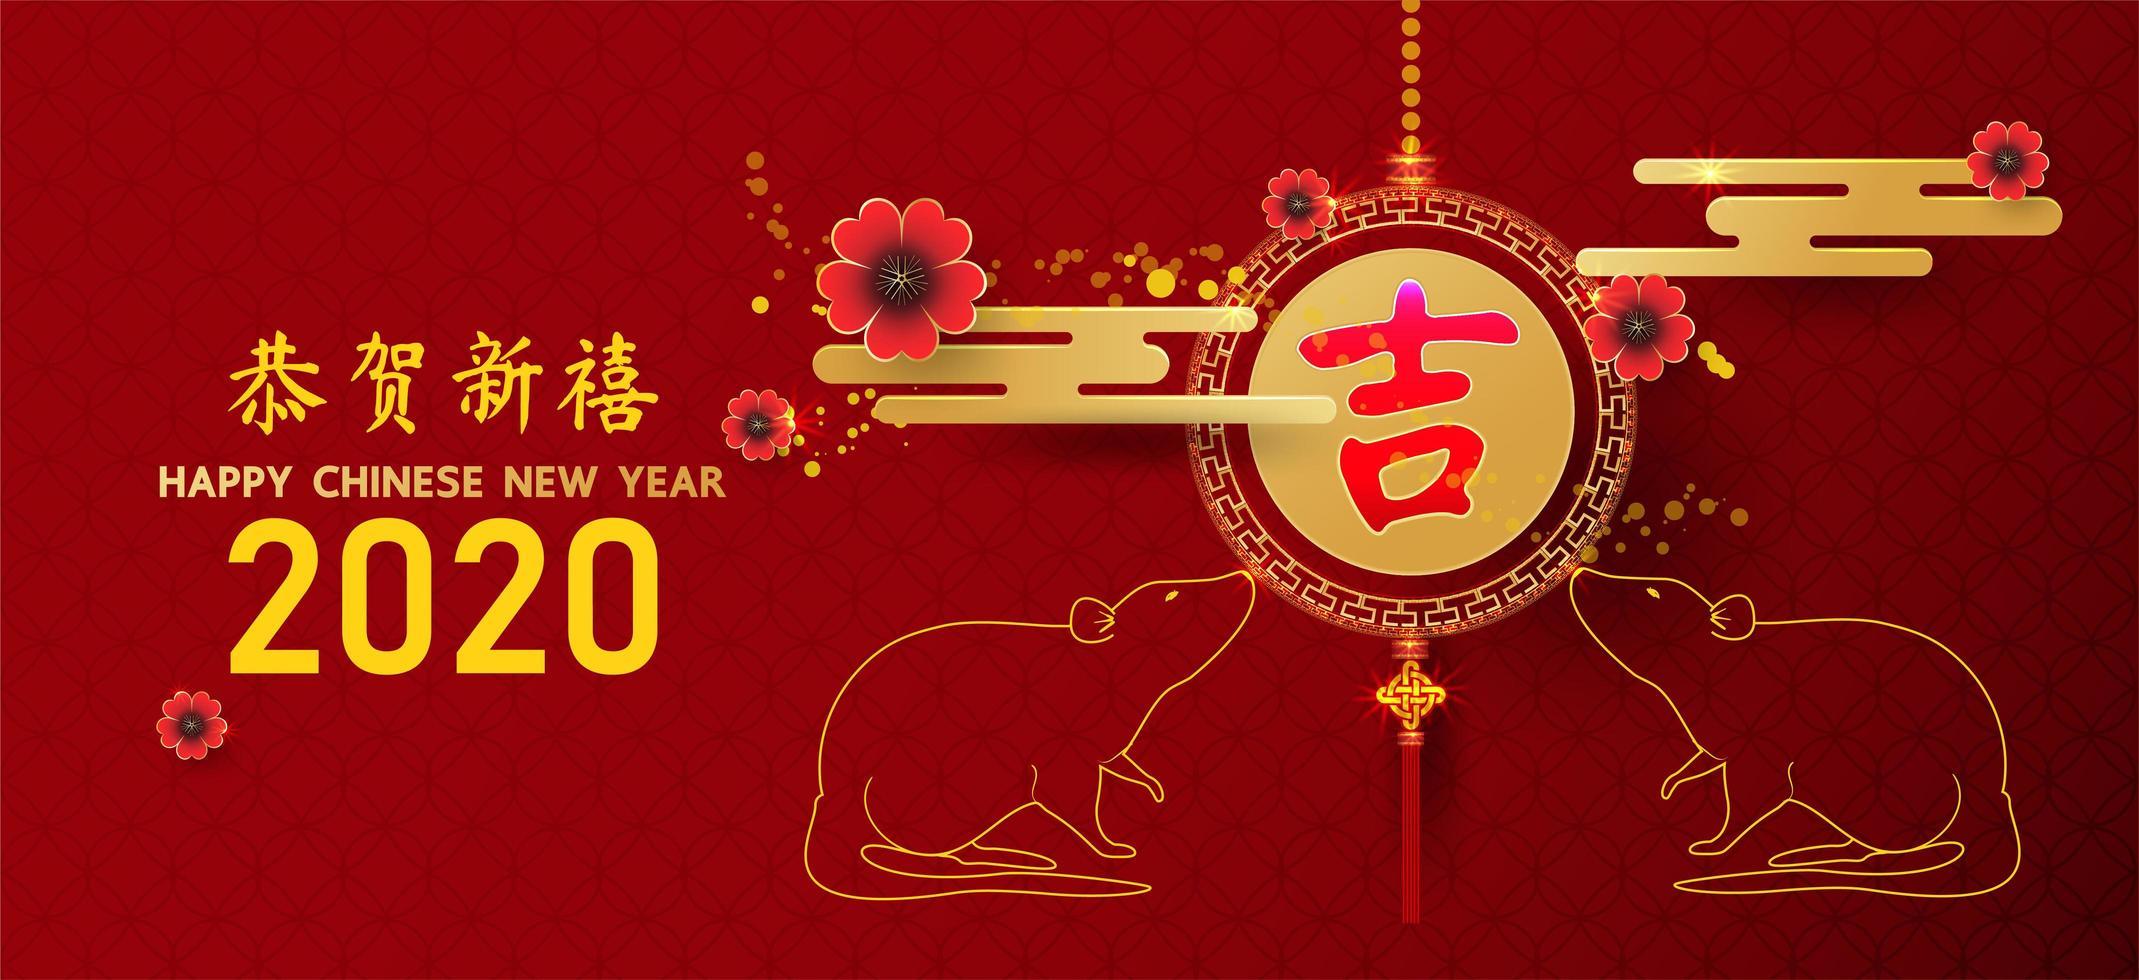 Fond de nouvel an chinois avec des rats et des fleurs vecteur